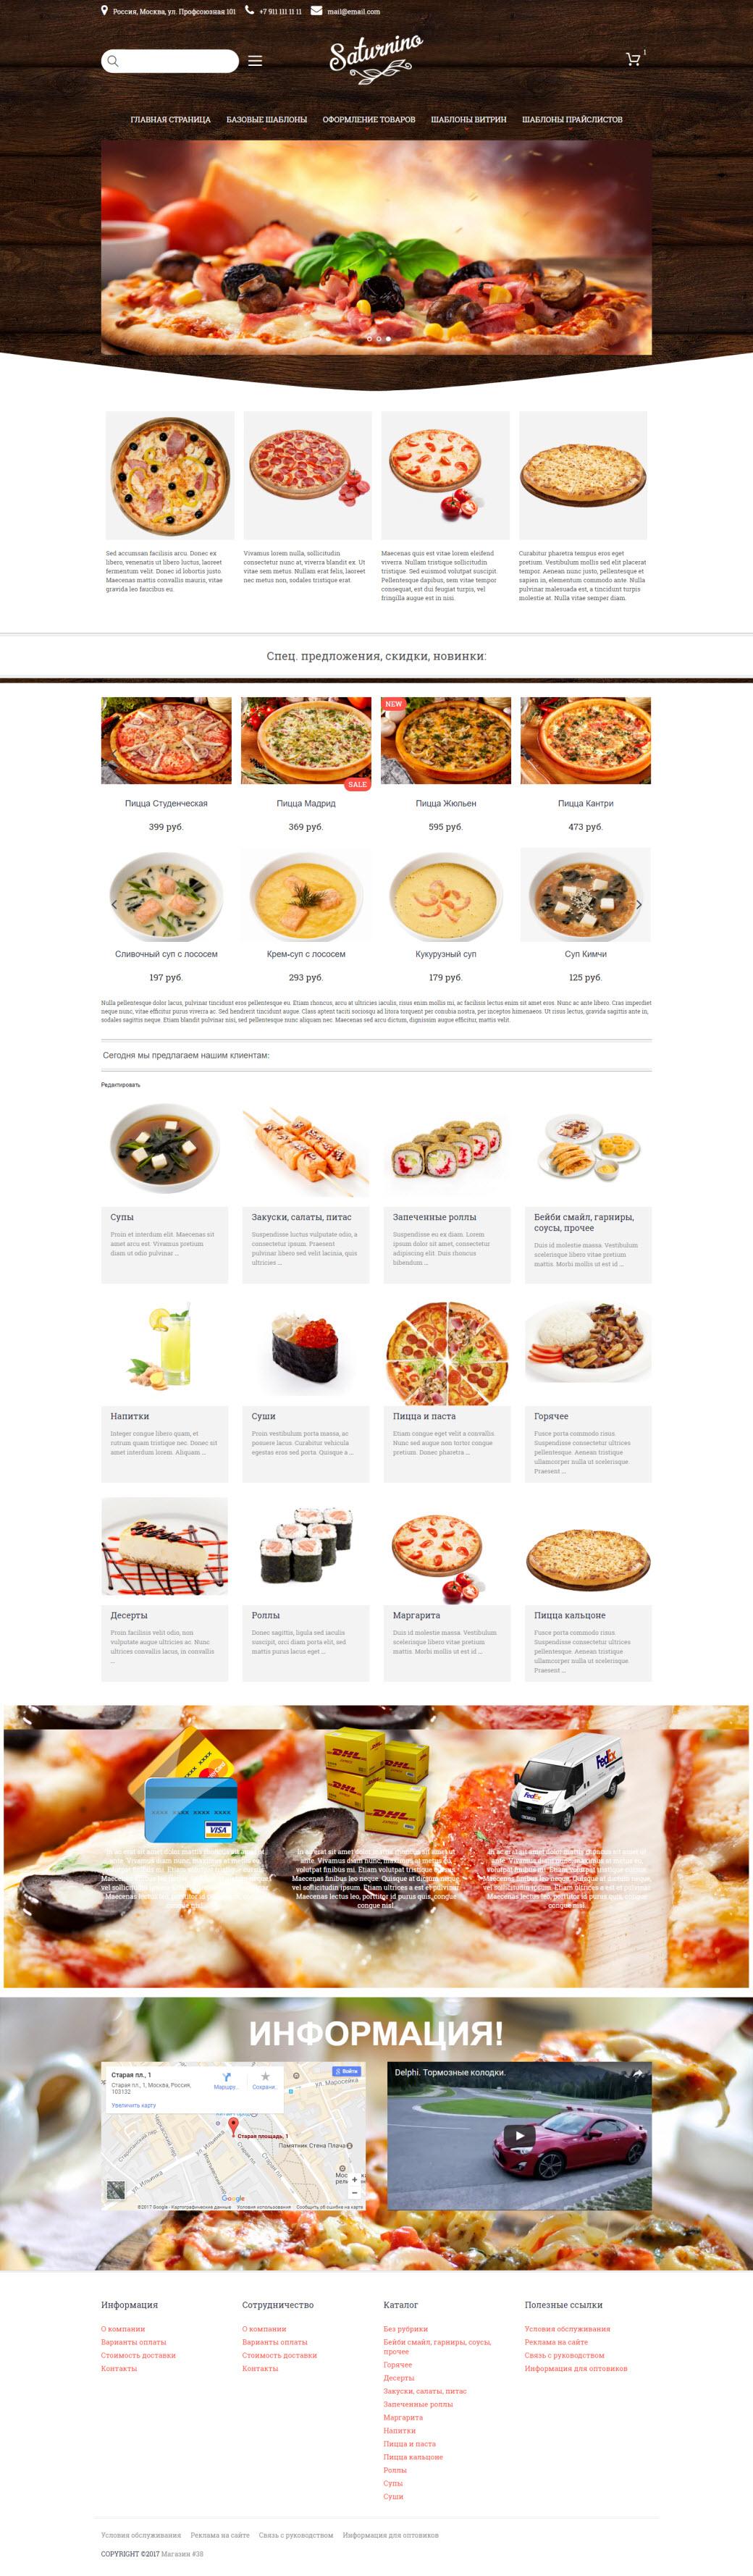 Адаптивная тема WP Shop #38: Пицца, суши, роллы, продукты питания, фастфуд